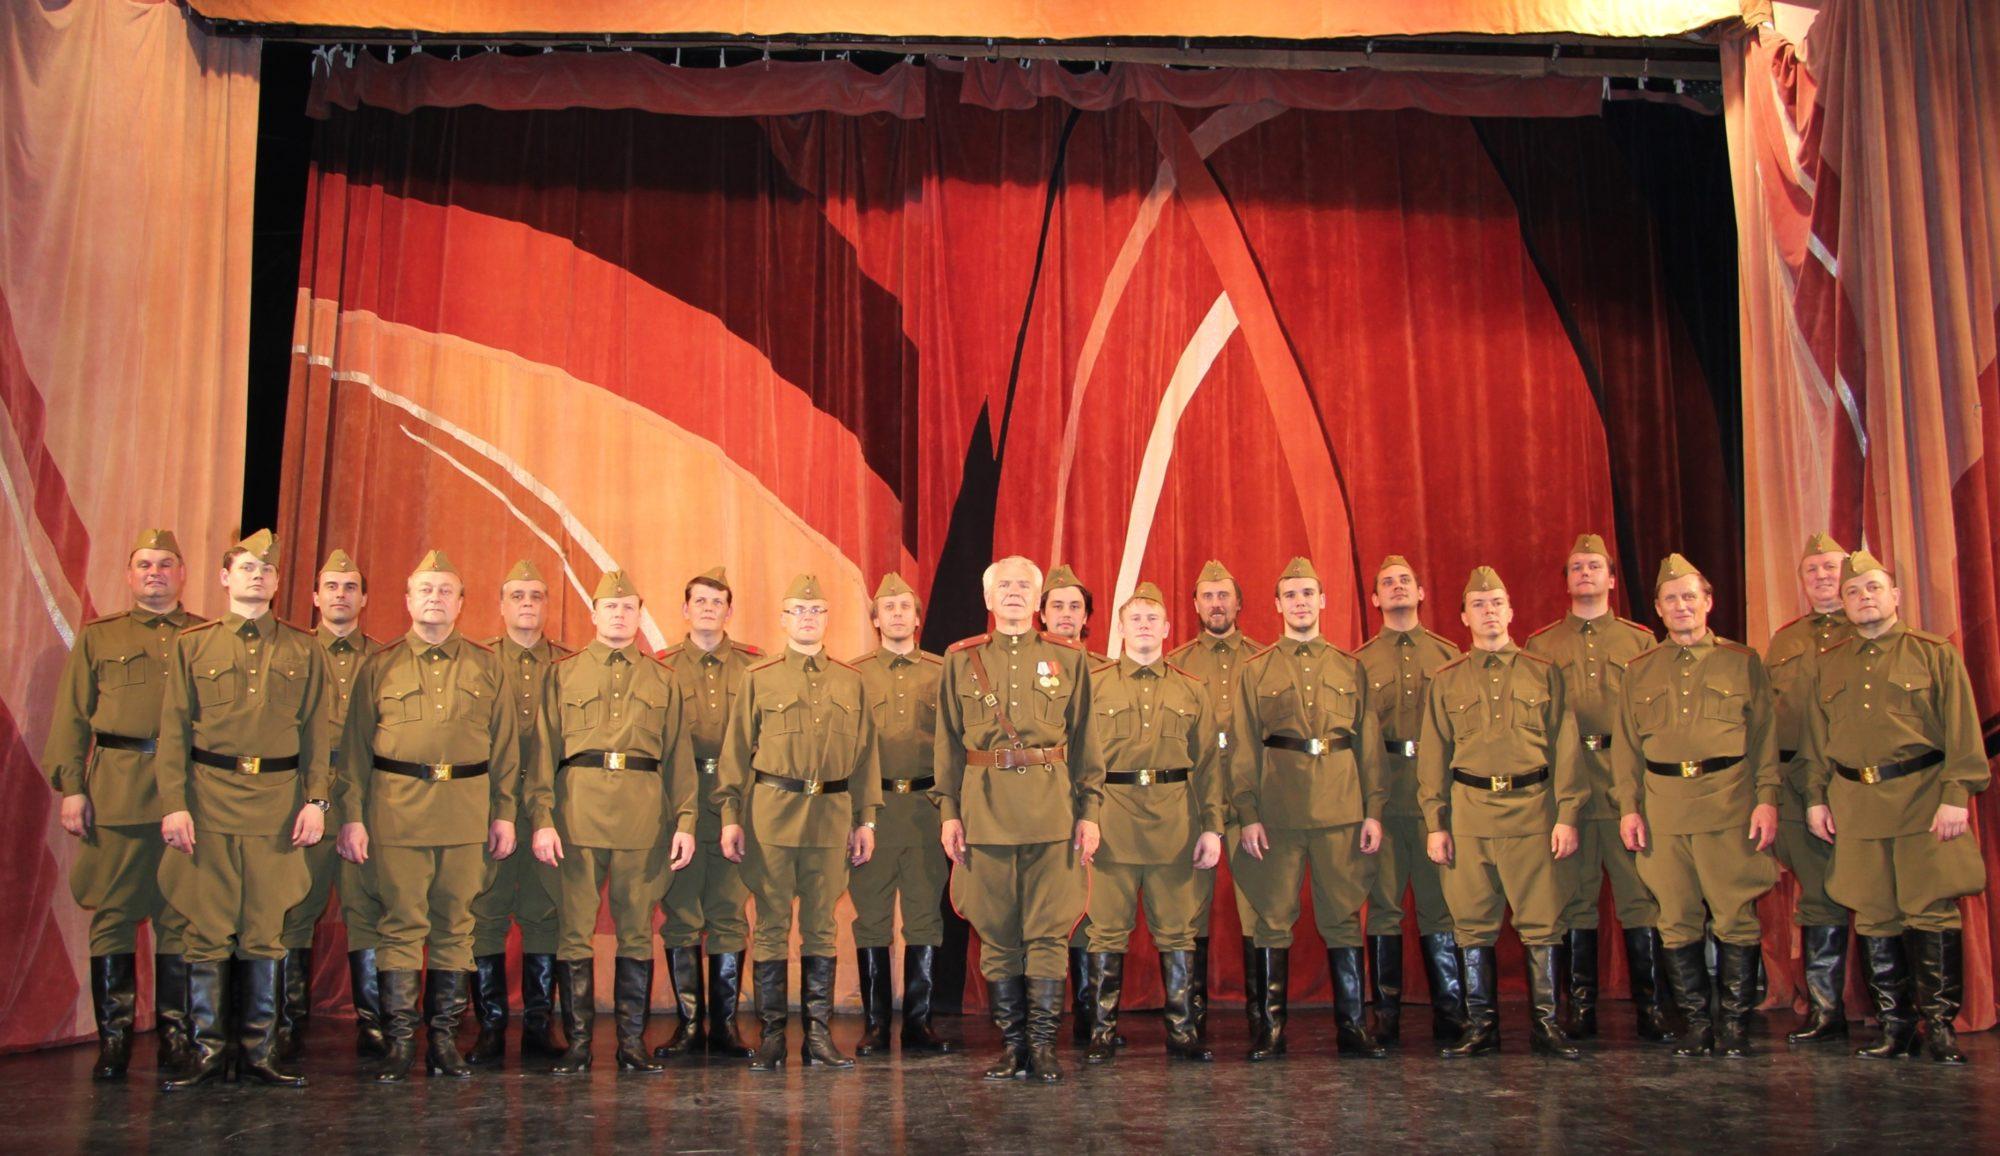 Концерт «Песни нашей Победы» на Пречистенке – события на сайте «Московские Сезоны»